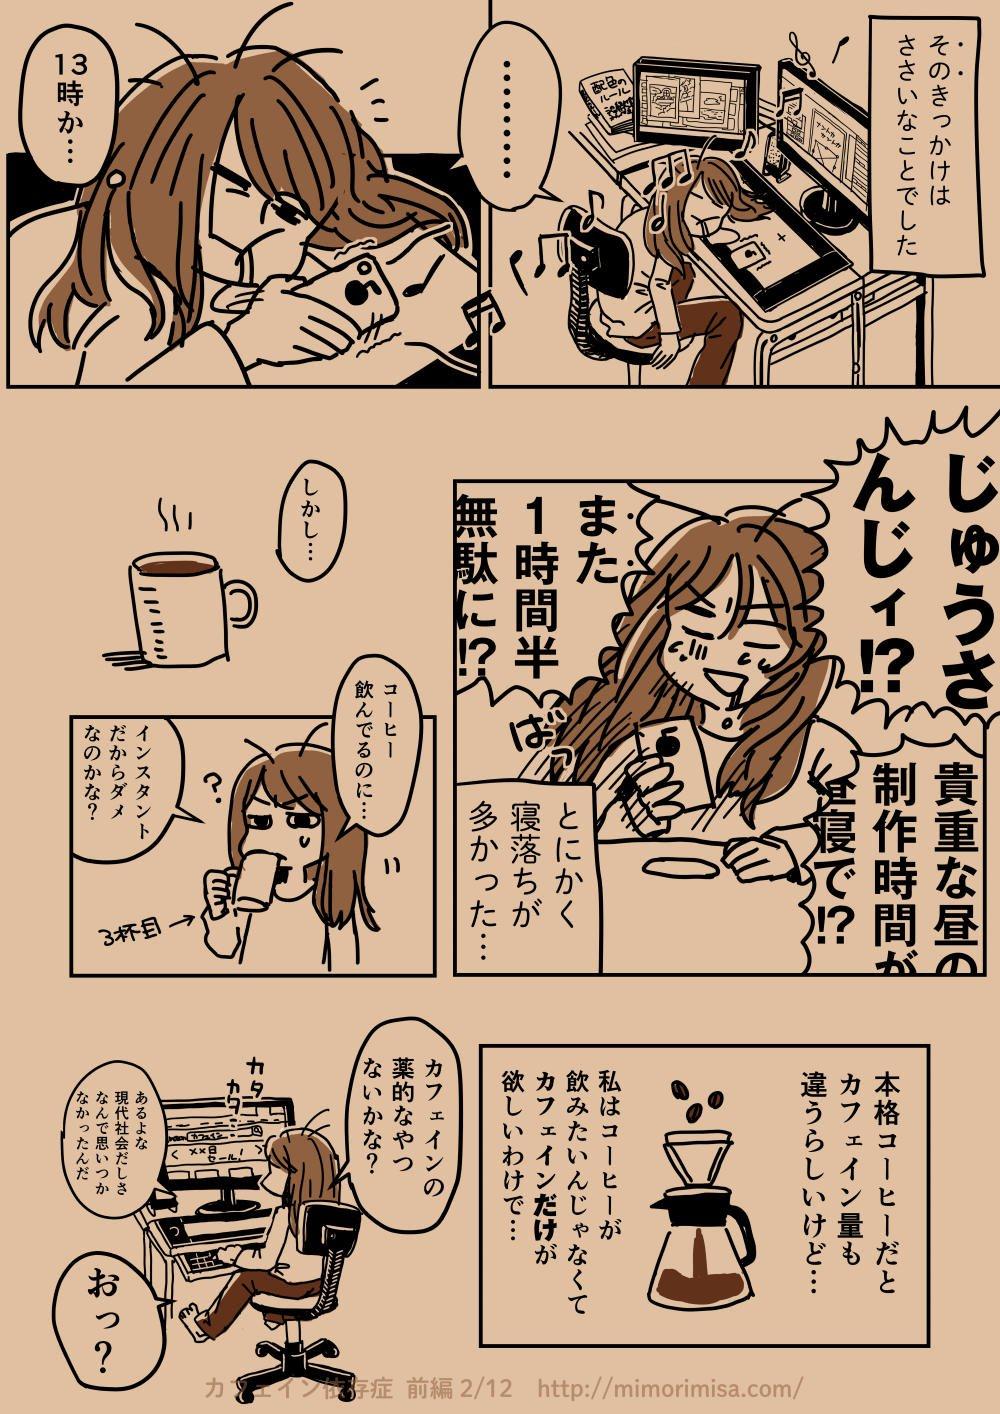 カフェイン依存症を描いた漫画がなんだか刺さる!自分だけは違うと思ってない?